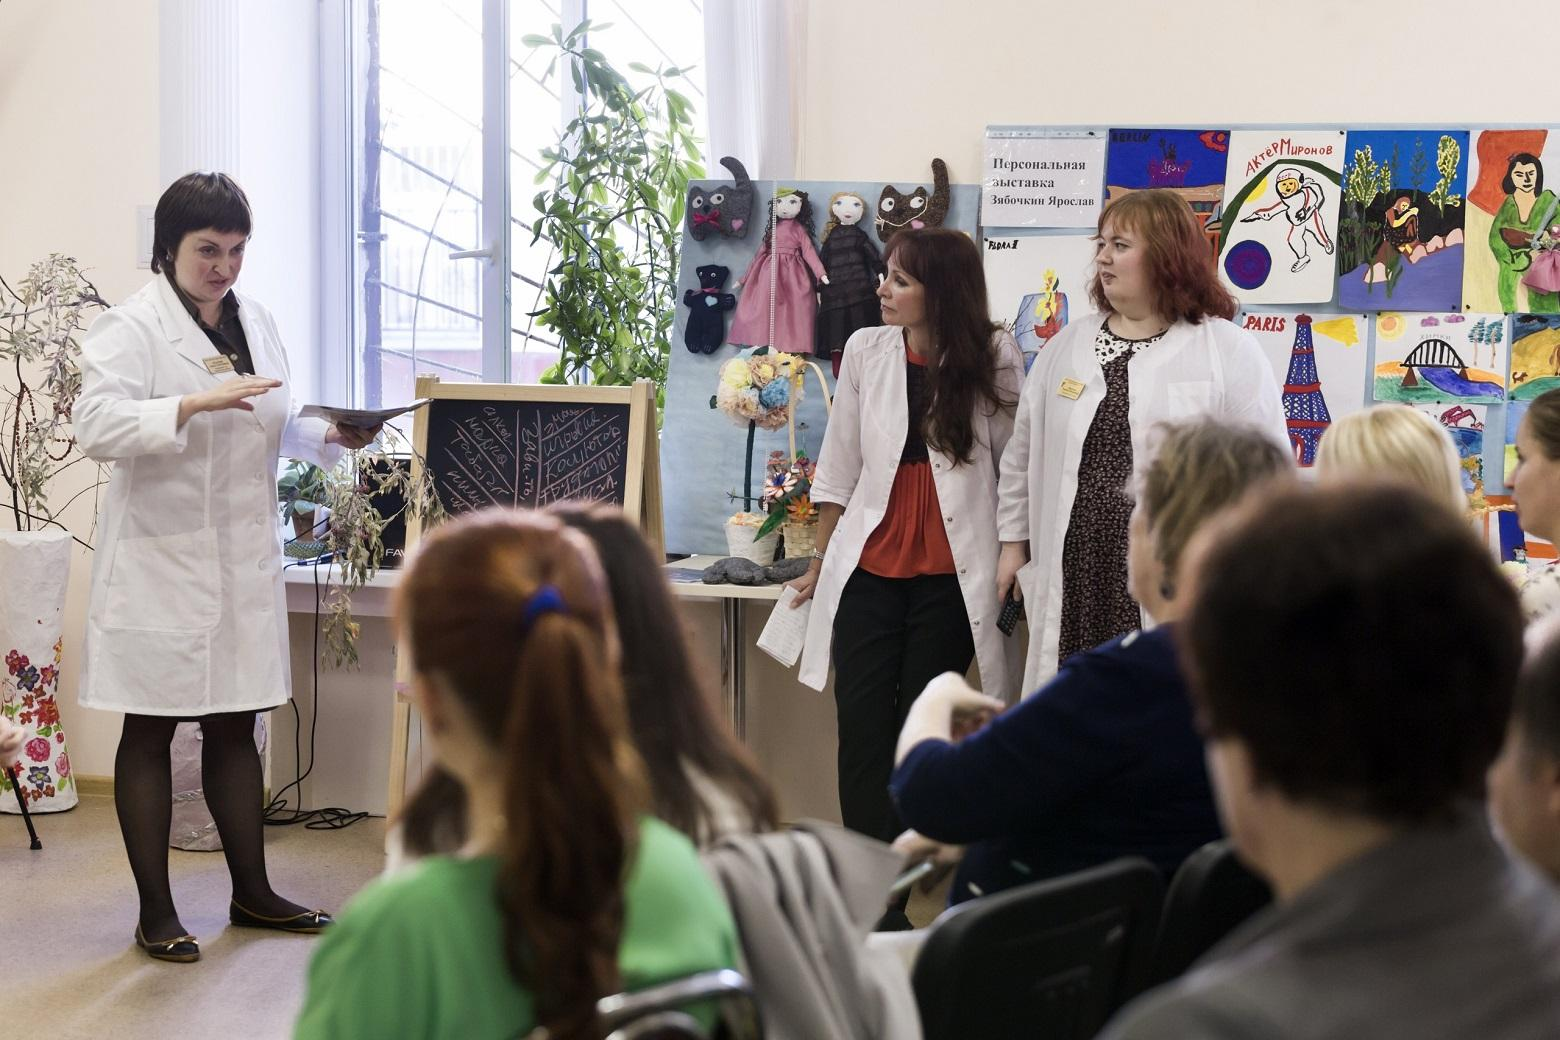 Мастер-класс «Опыт арт-терапии и терапии средой в условиях дневного стационара»